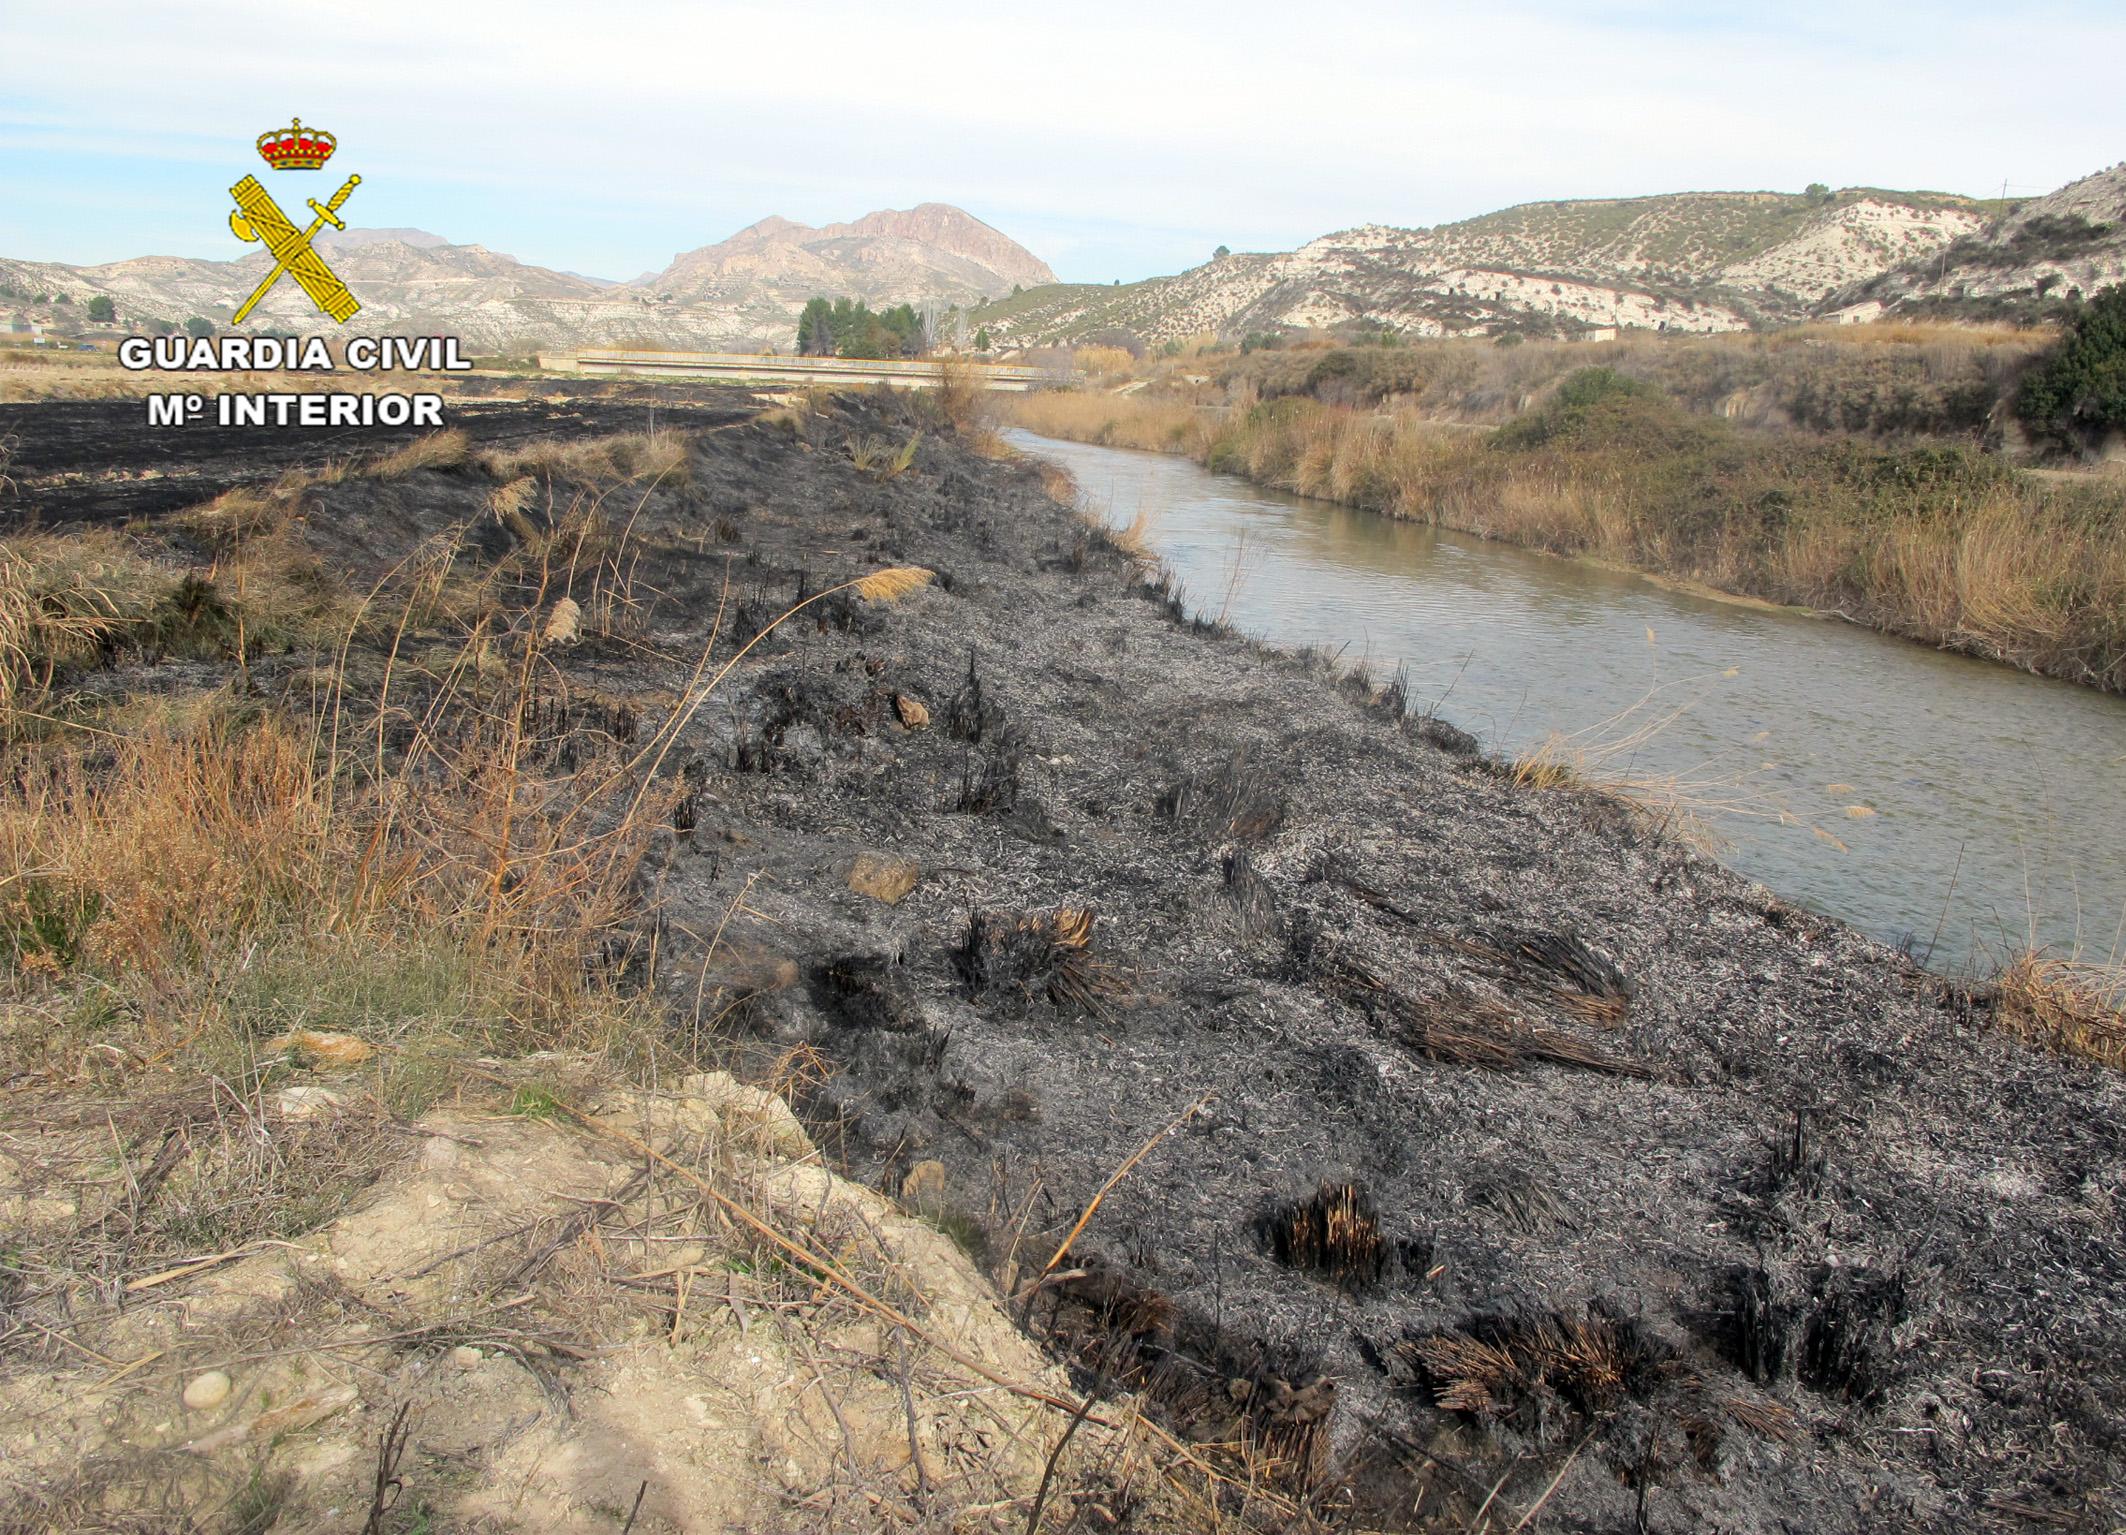 El fuego afectó a más de 4.000 metros cuadrados de terreno forestal con diversa vegetación. Imagen: Guardia Civil de Murcia